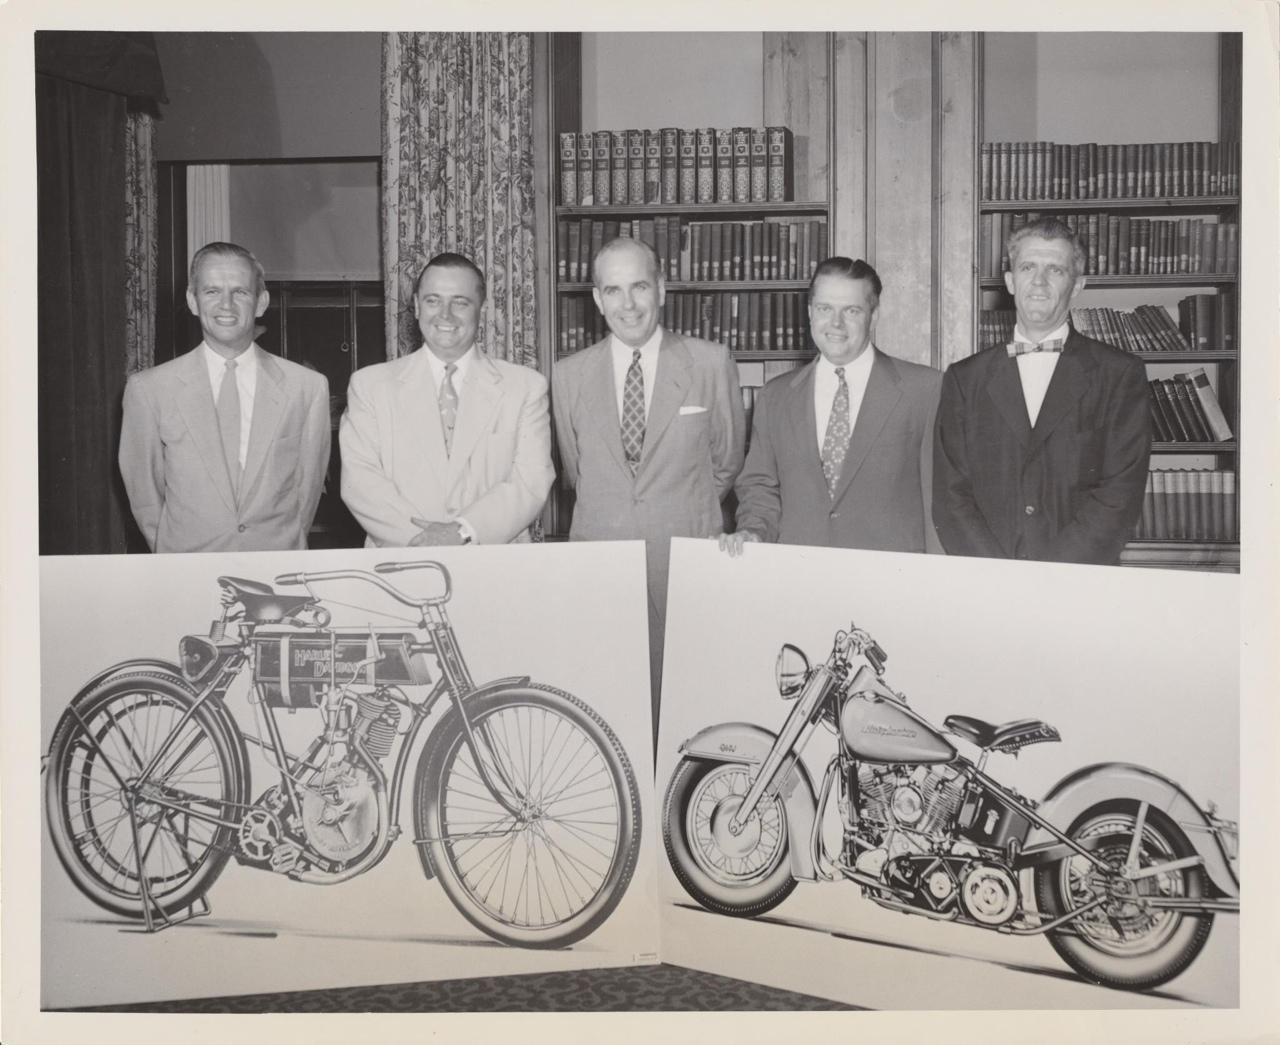 En los años 50: desde el principio hasta la Hydra-Glide